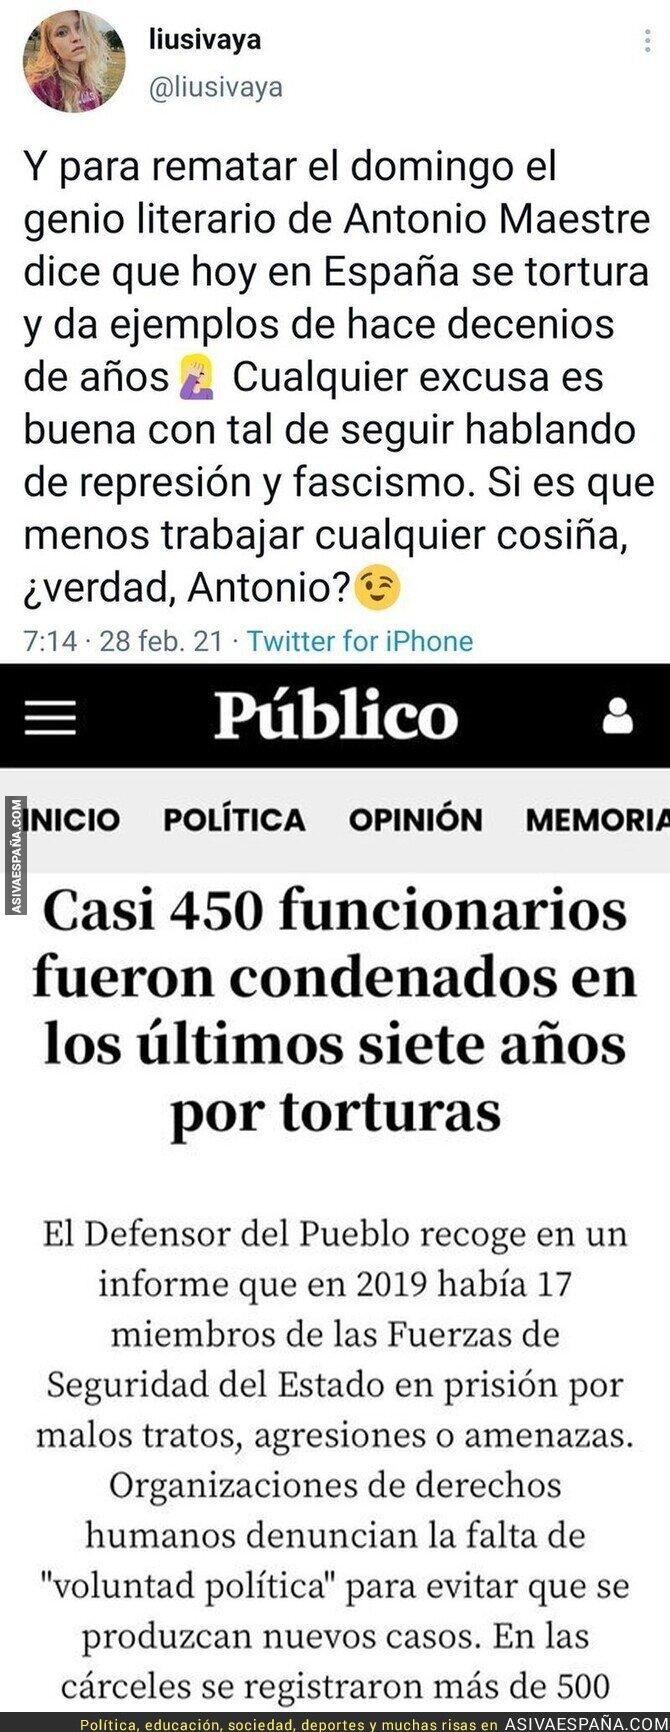 625433 - ¿Pero cómo se puede decir que en España se tortura?